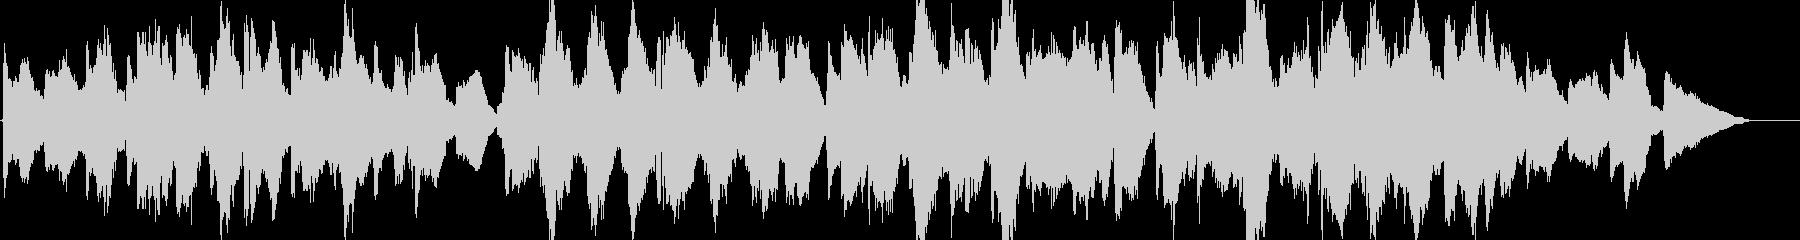 ホラー・悲しげな魔女の森のオーケストラの未再生の波形